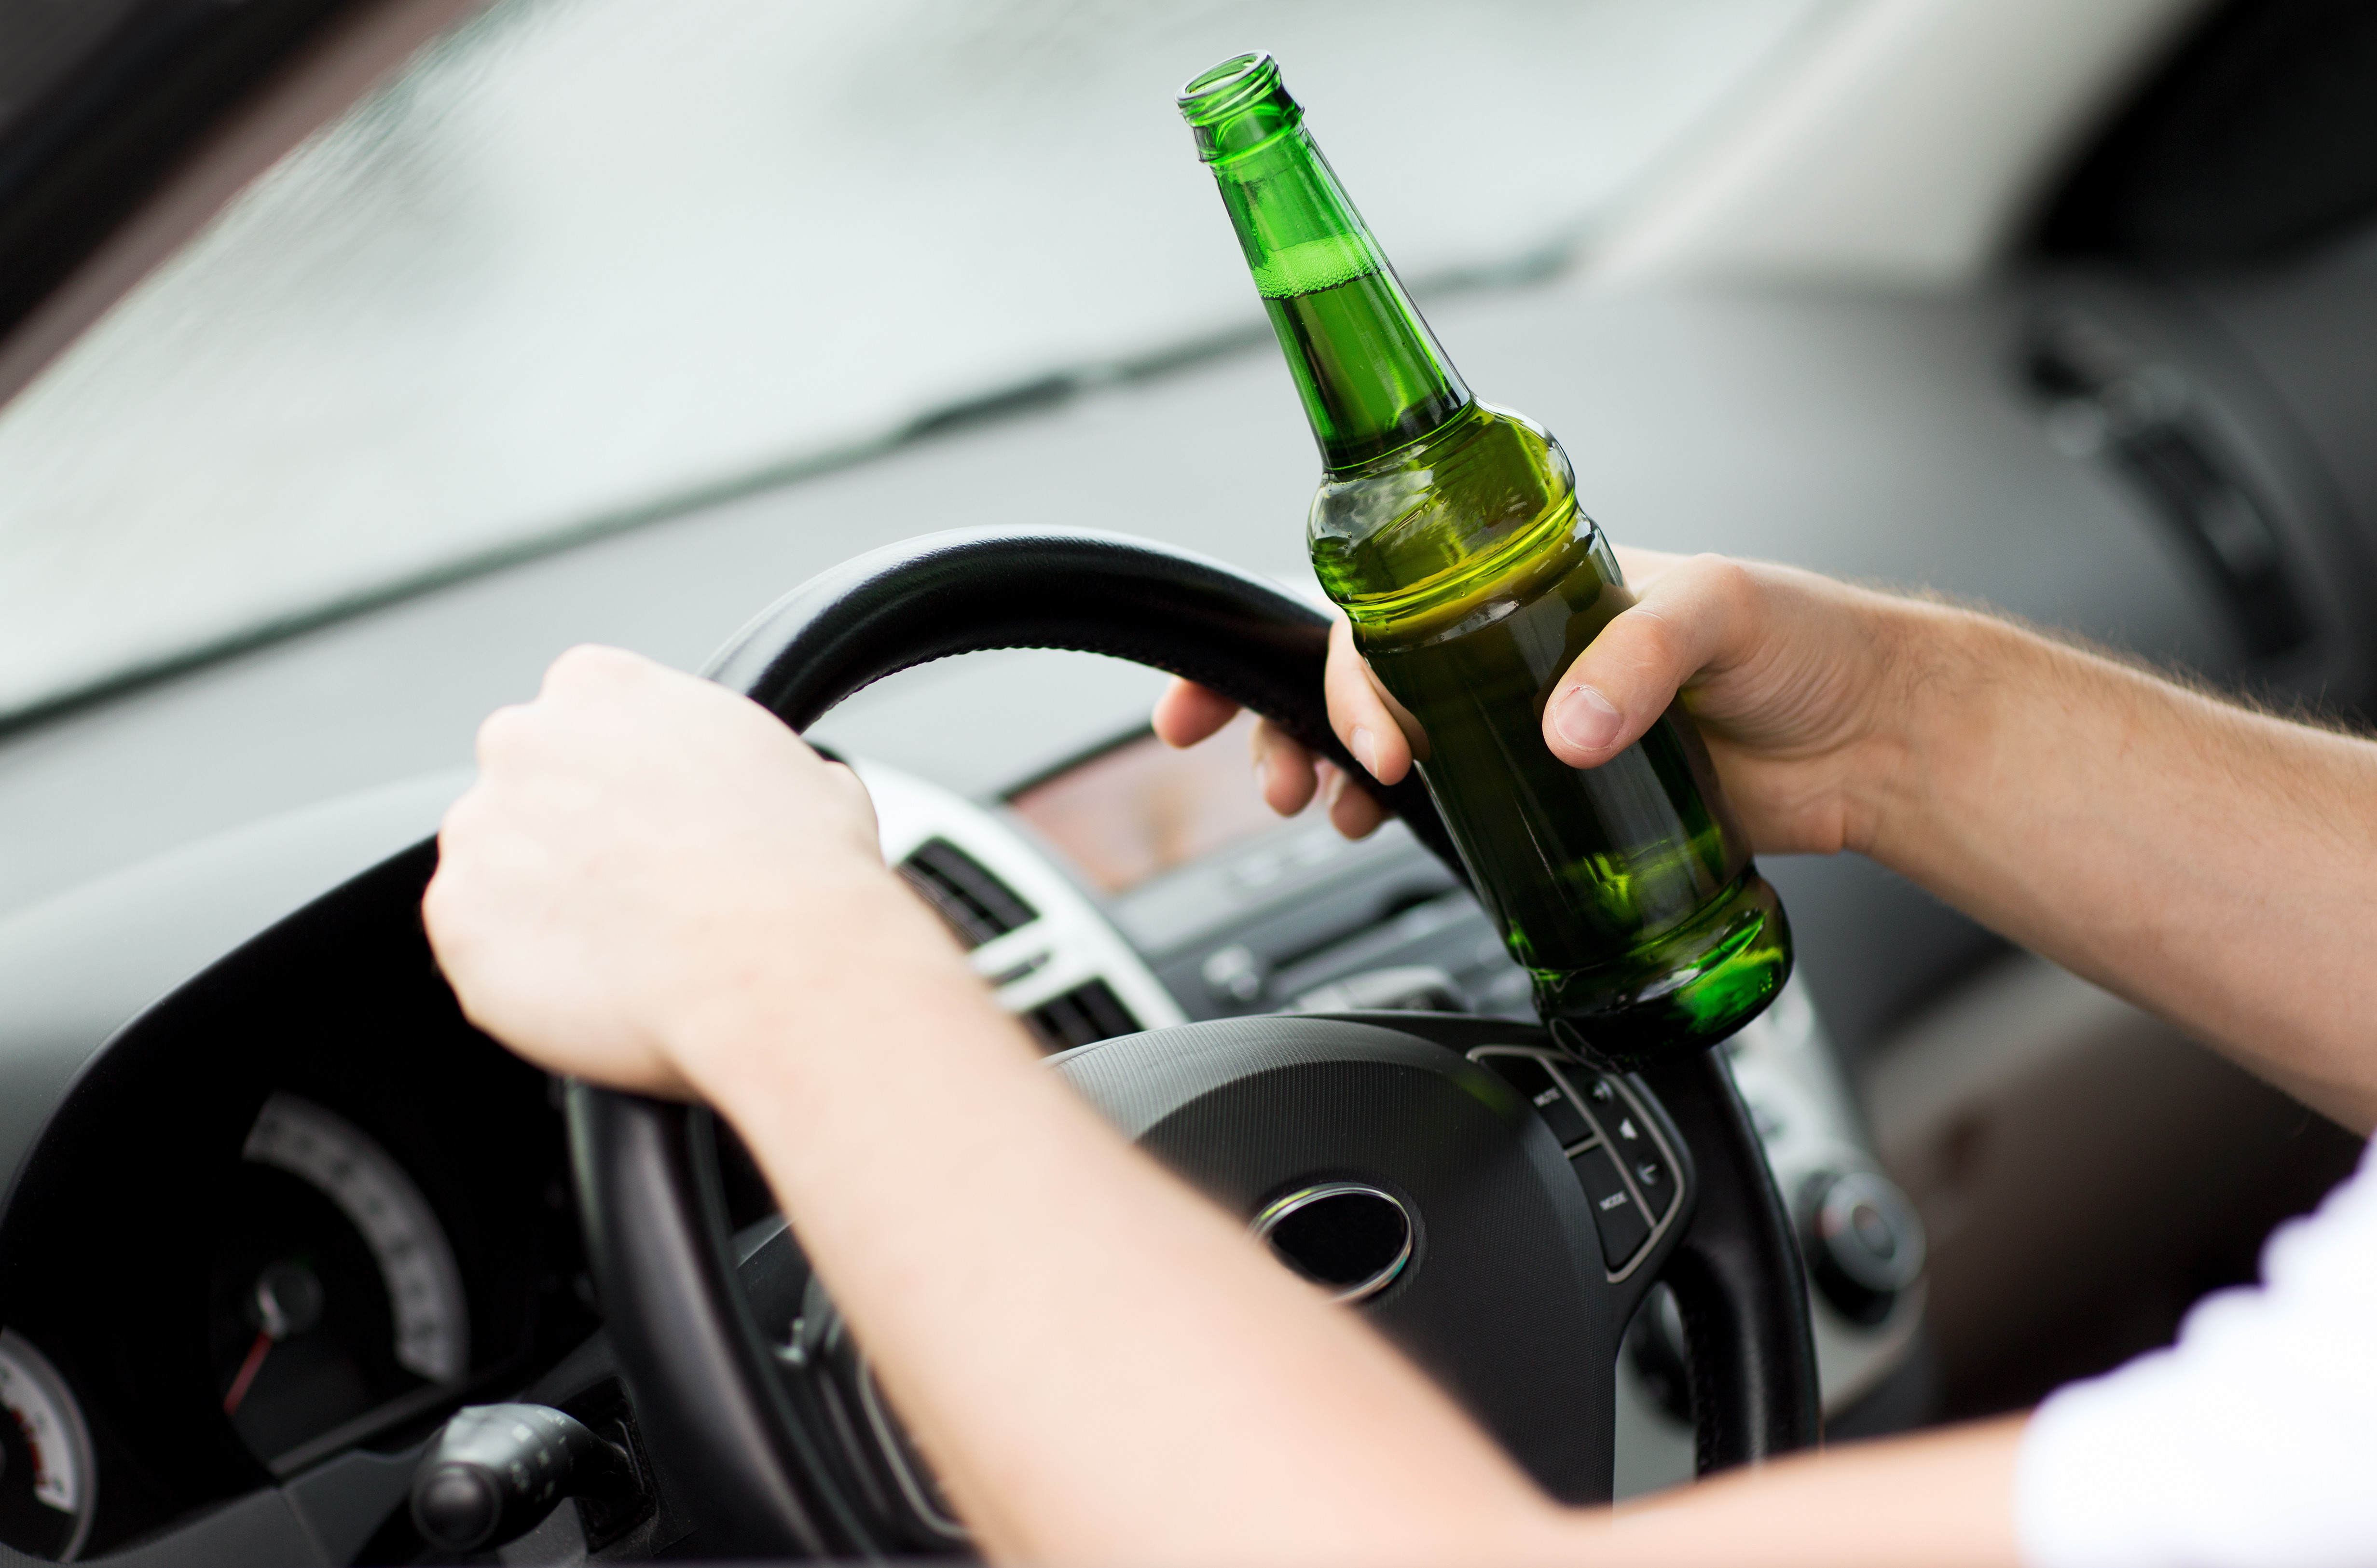 酒駕,代駕,酒後駕車,開車,喝酒。(圖/達志/示意圖)